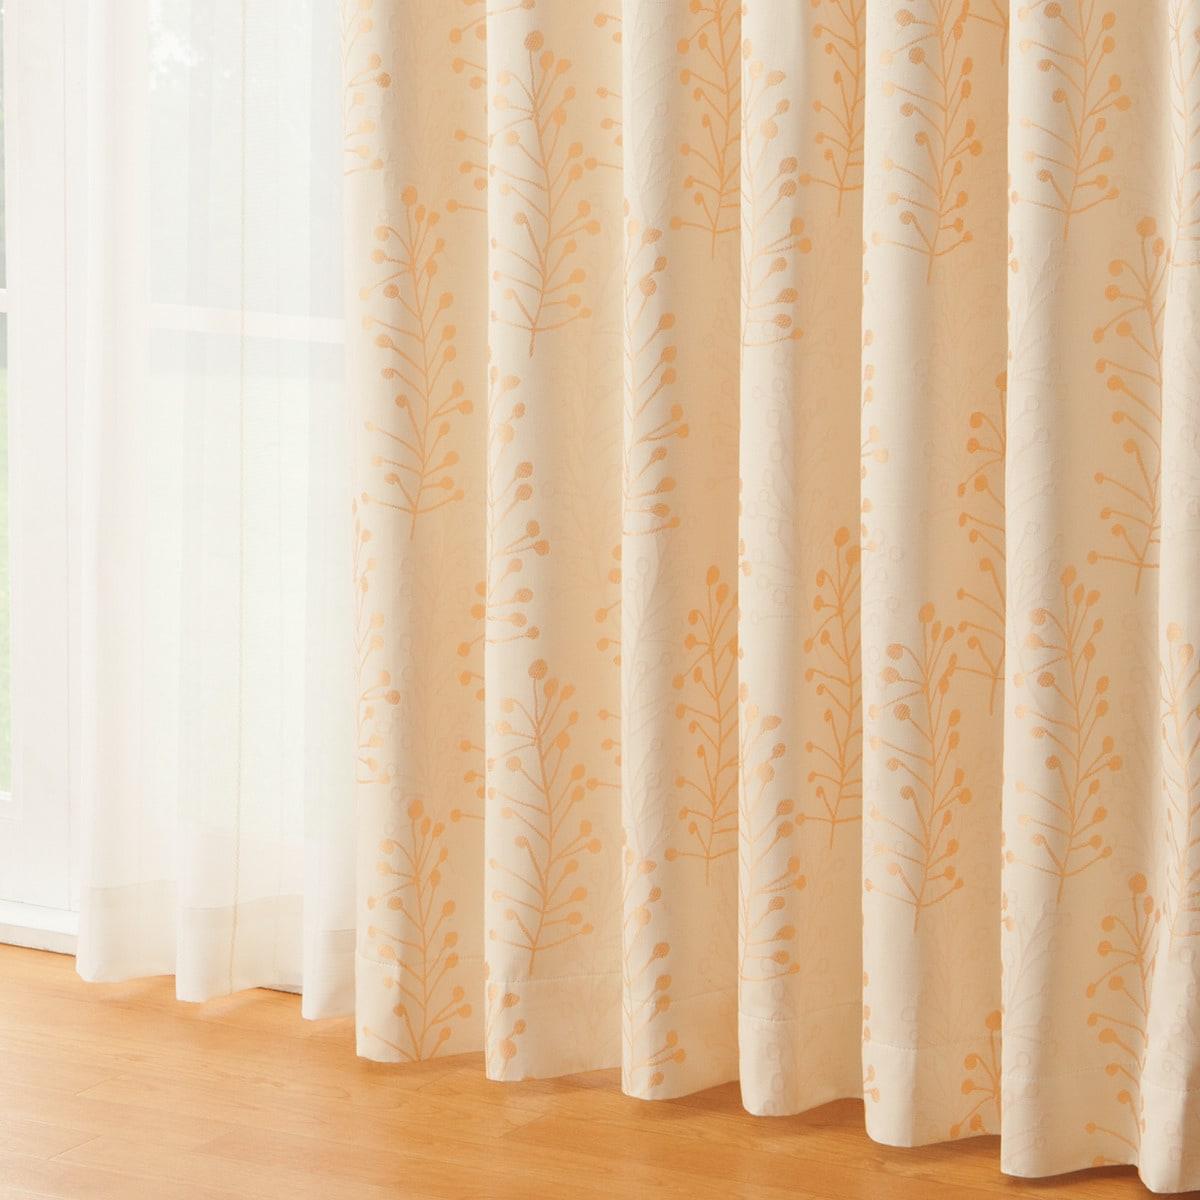 遮光1級・遮熱・遮音カーテン(ミスト3 オレンジ 100X135X2)